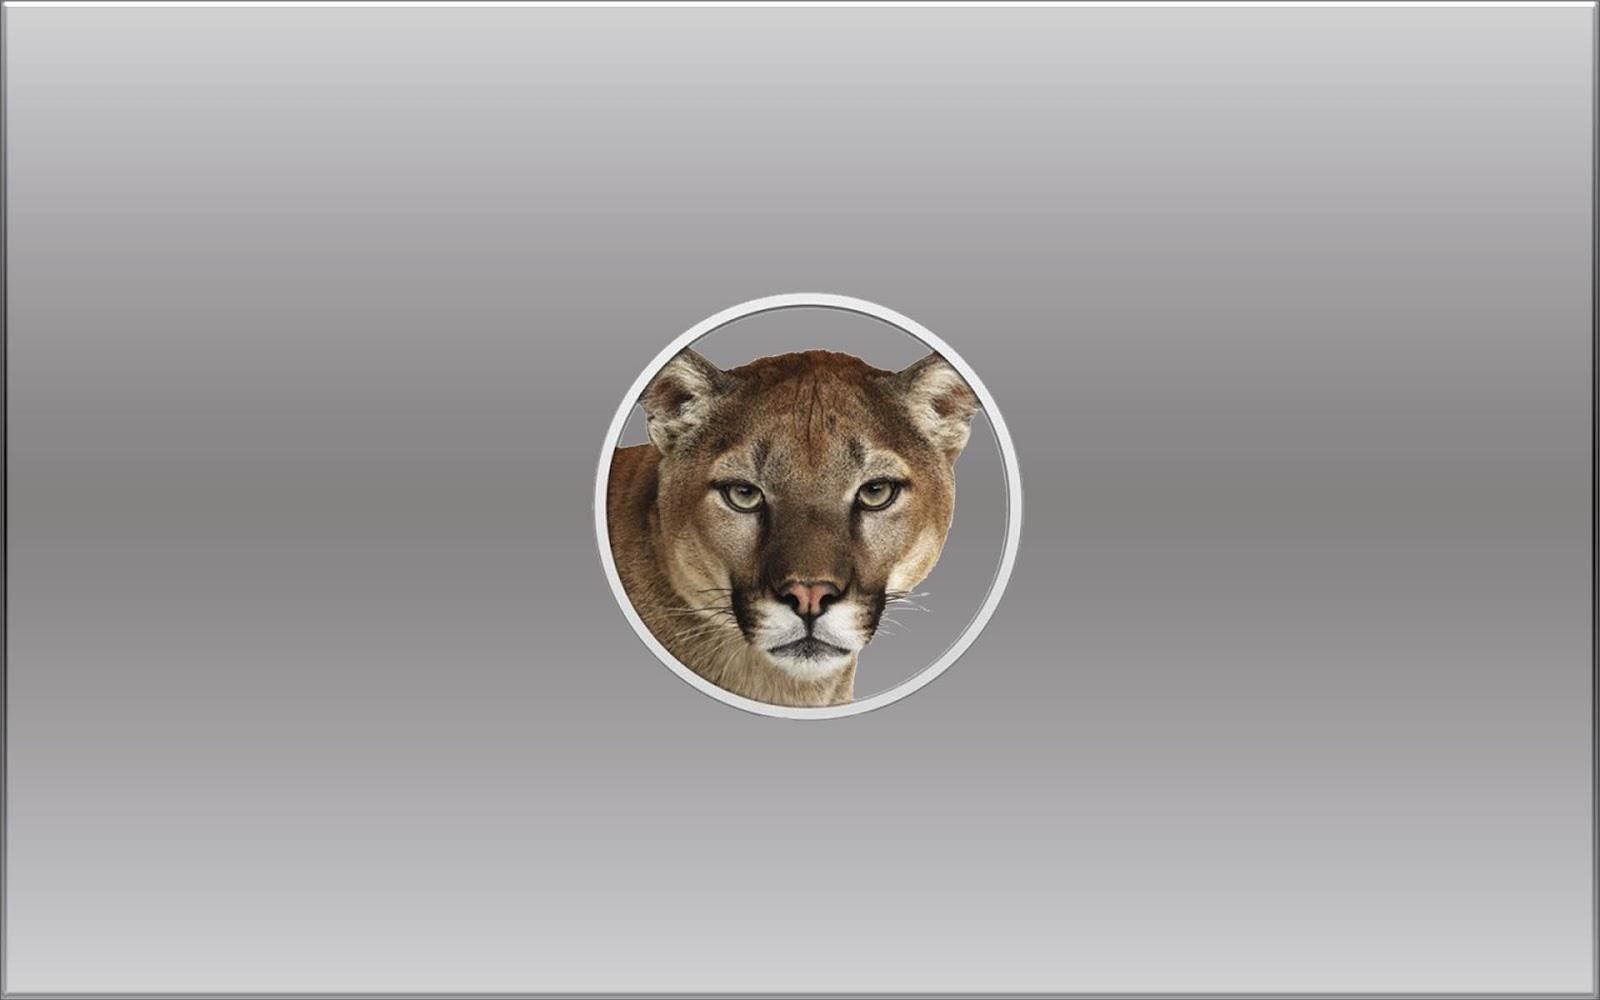 http://1.bp.blogspot.com/-aZsBTiznYpI/UBvylUnOd2I/AAAAAAAACH0/o8gmoxbvD-k/s1600/OSX_Mountain_Lion_Wallpaper_1920x1200_-_17.jpg